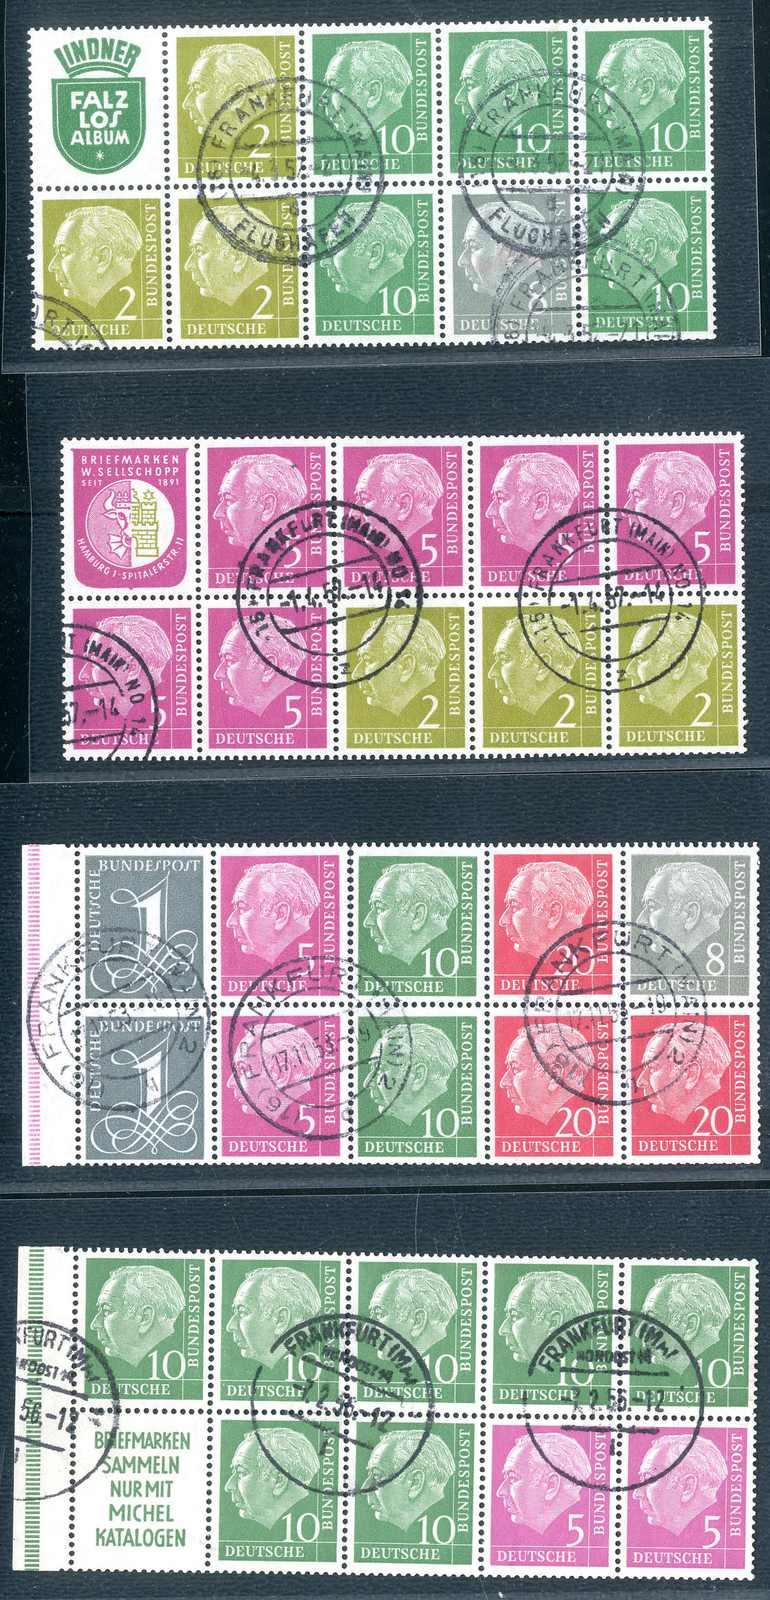 Lot 1060 - Bundesrepublik Deutschland, Markenheftchenblaetter  -  Karl Pfankuch & Co. auction #222